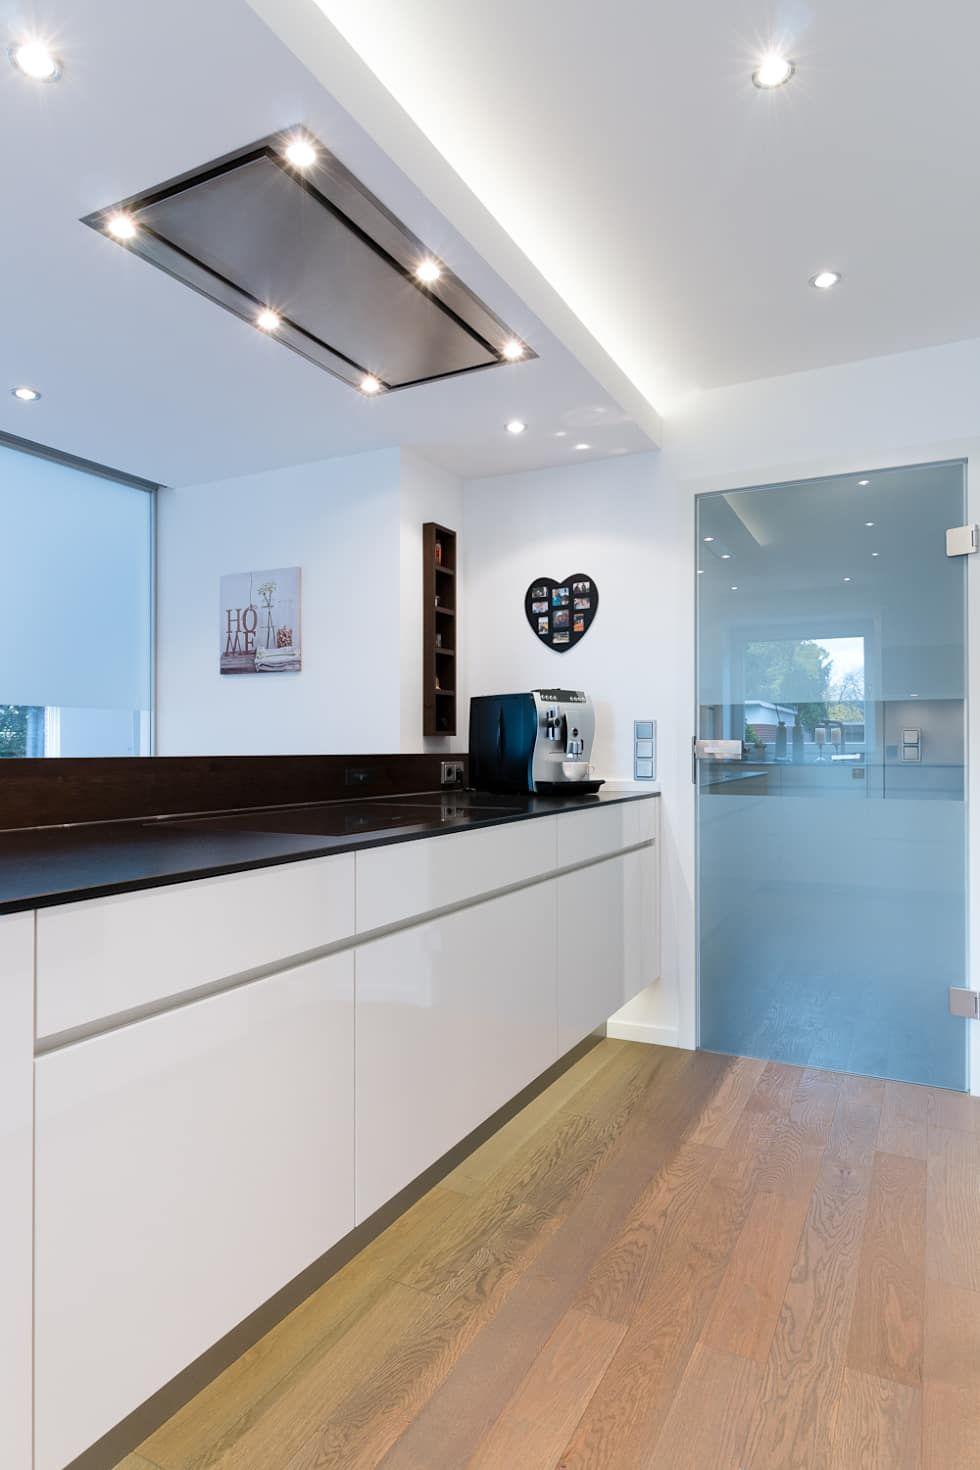 Großzügig Küchenwand Aufkleber Zitiert Uk Fotos - Ideen Für Die ...